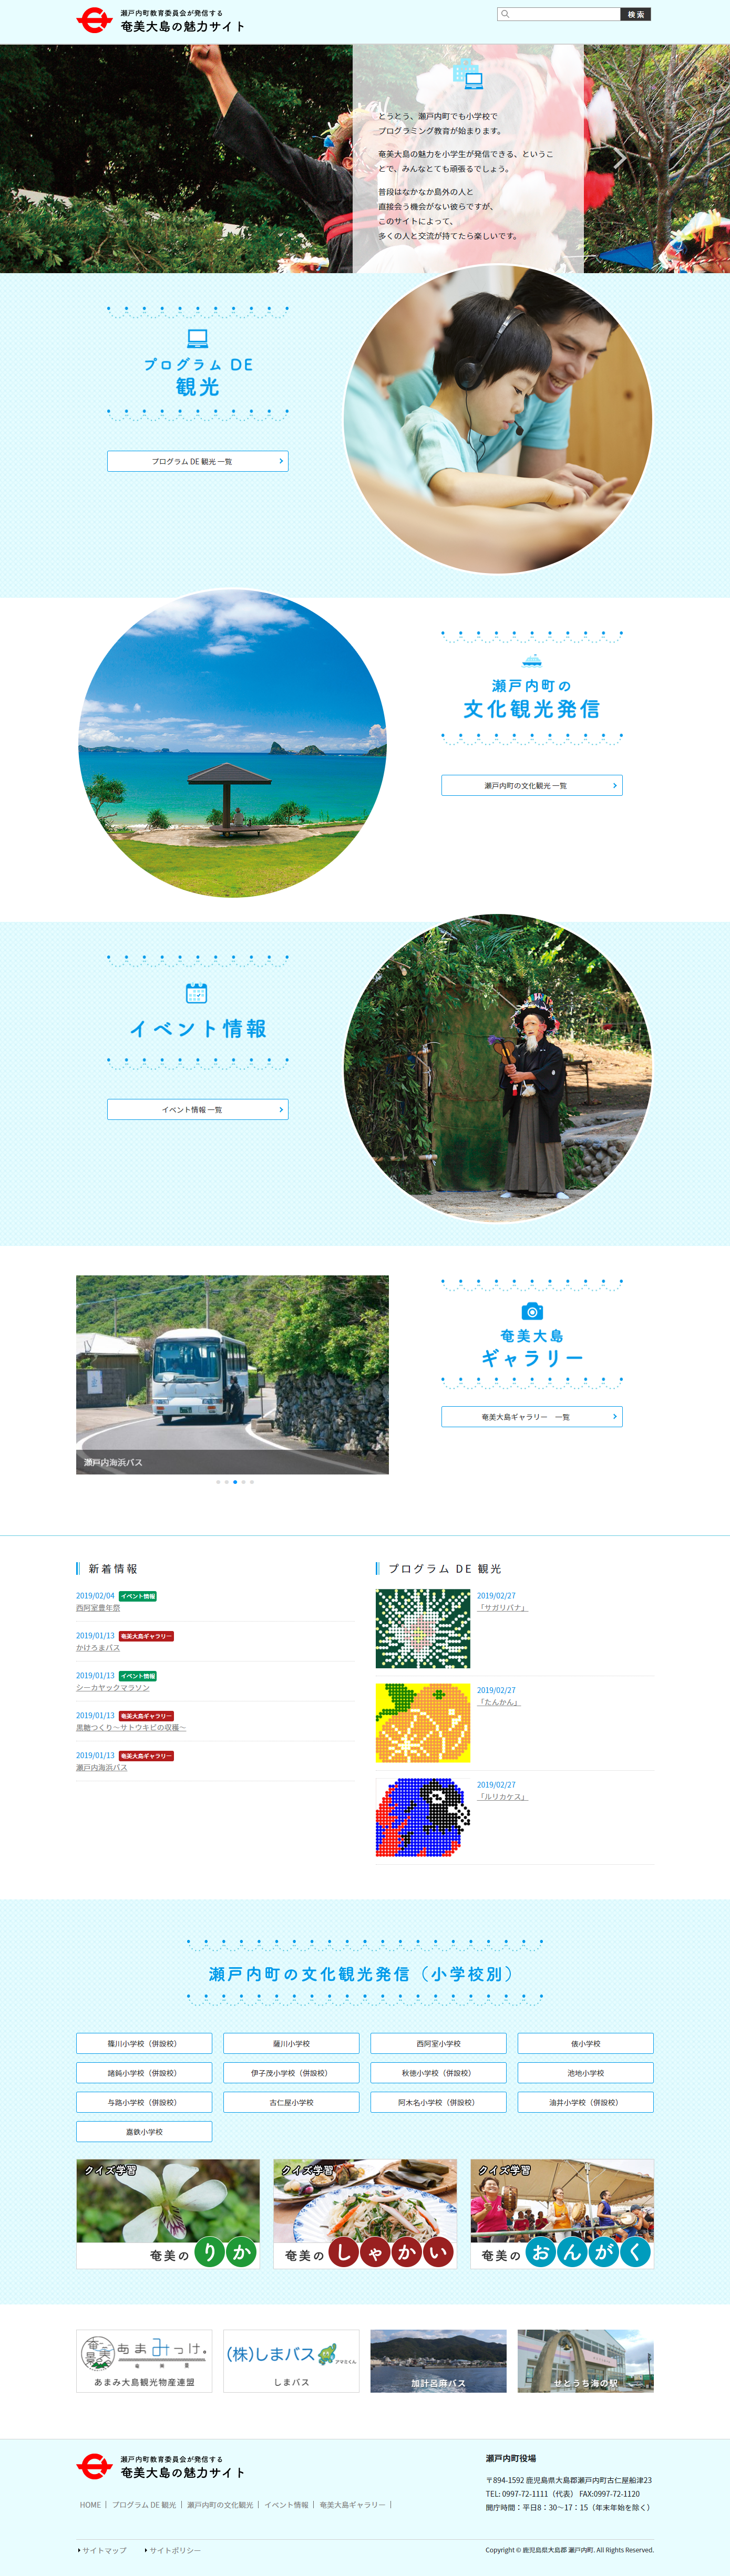 瀬戸内町教育委員会が発信する 奄美大島の魅力サイト PC版